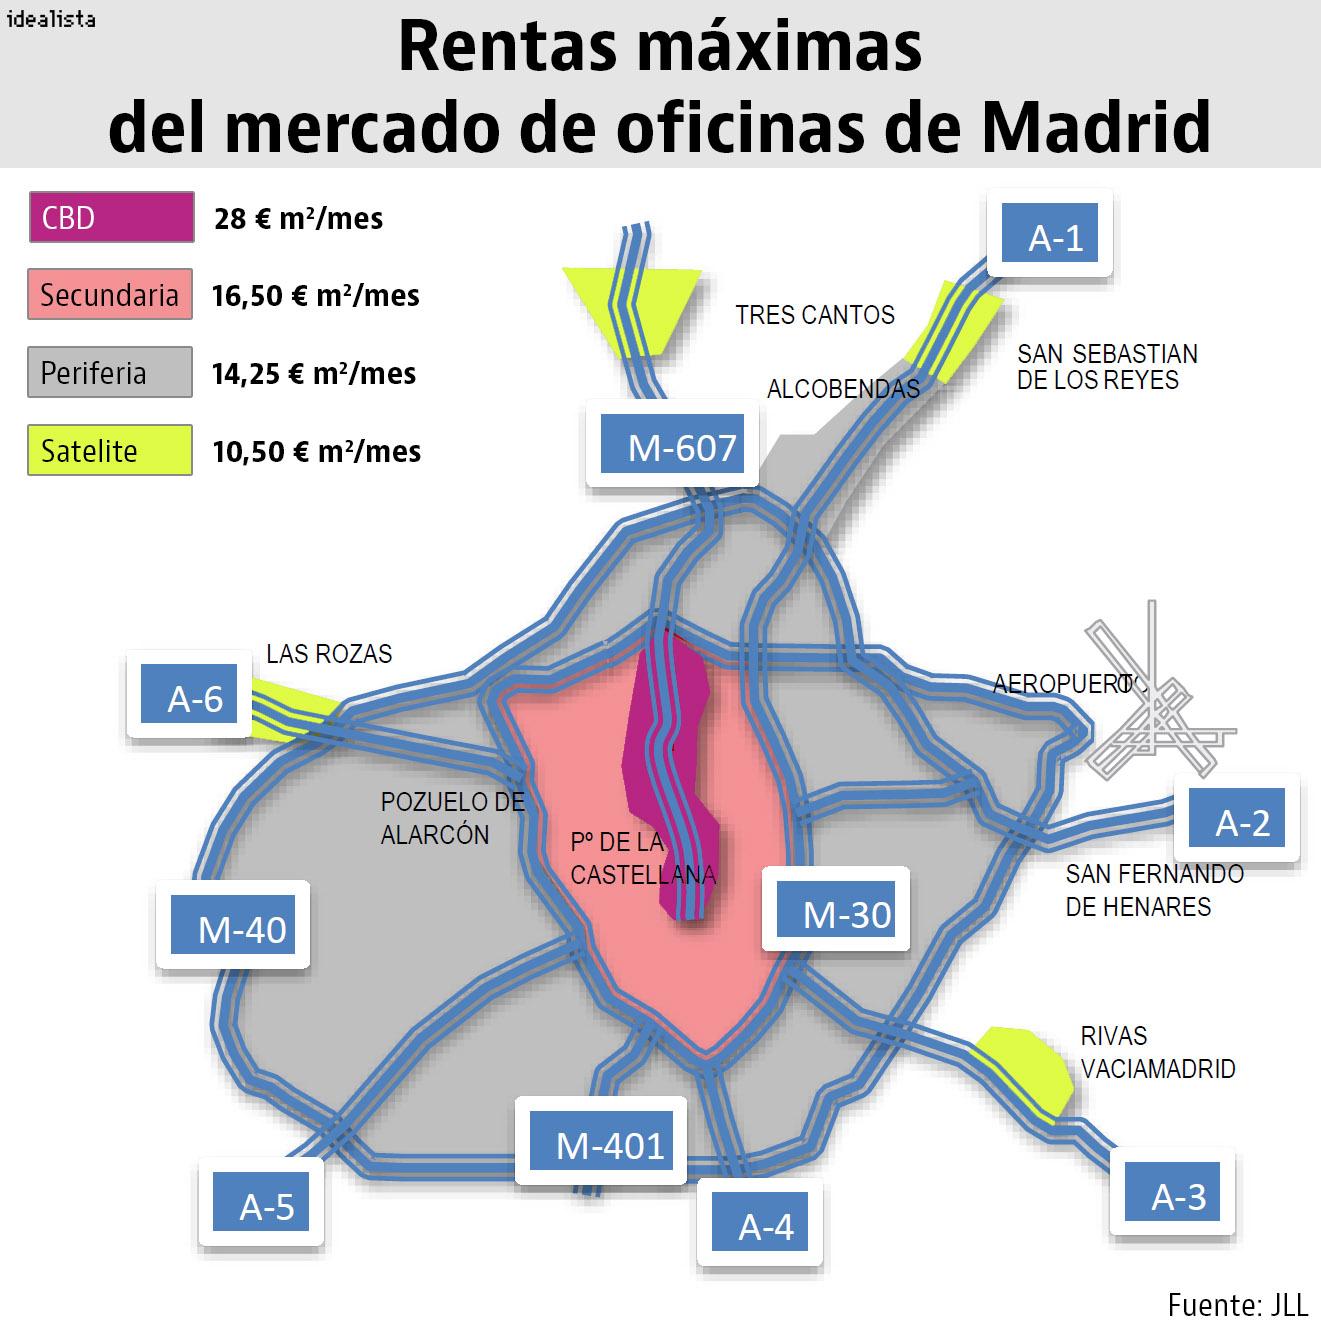 Madrid y barcelona las ciudades de europa donde m s for Vaciado de oficinas en madrid